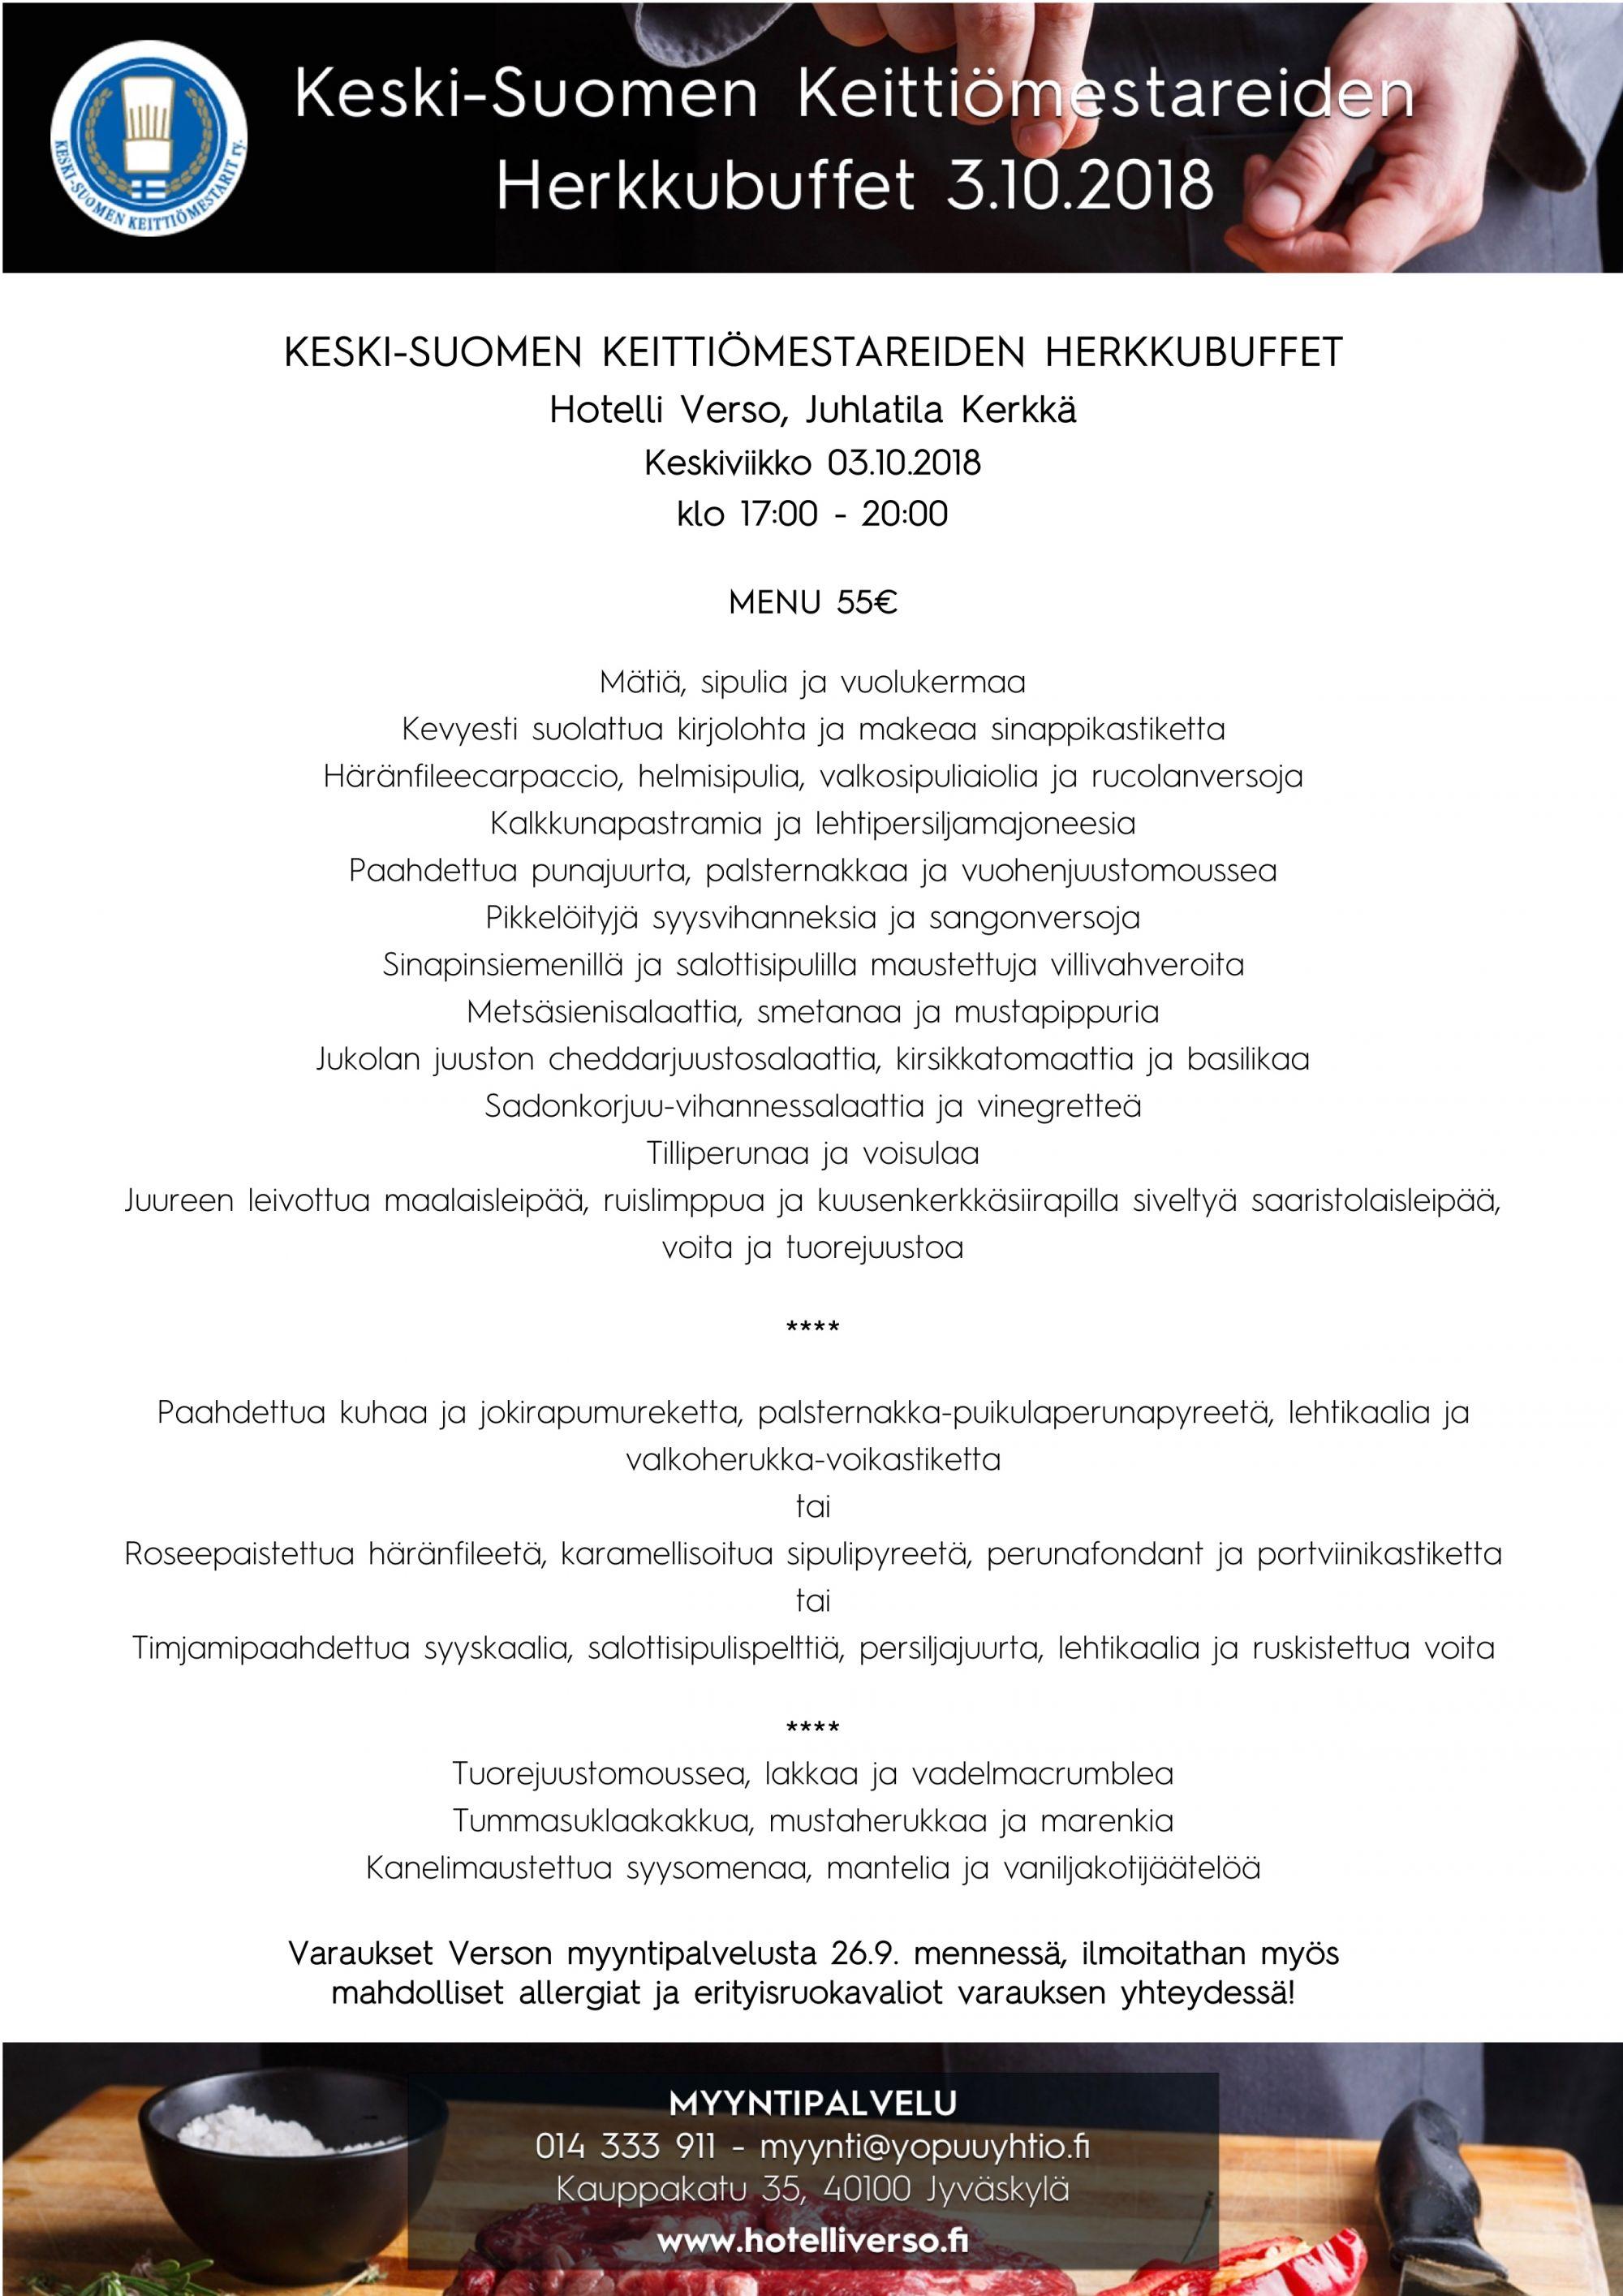 KSKM herkkubuffet menu